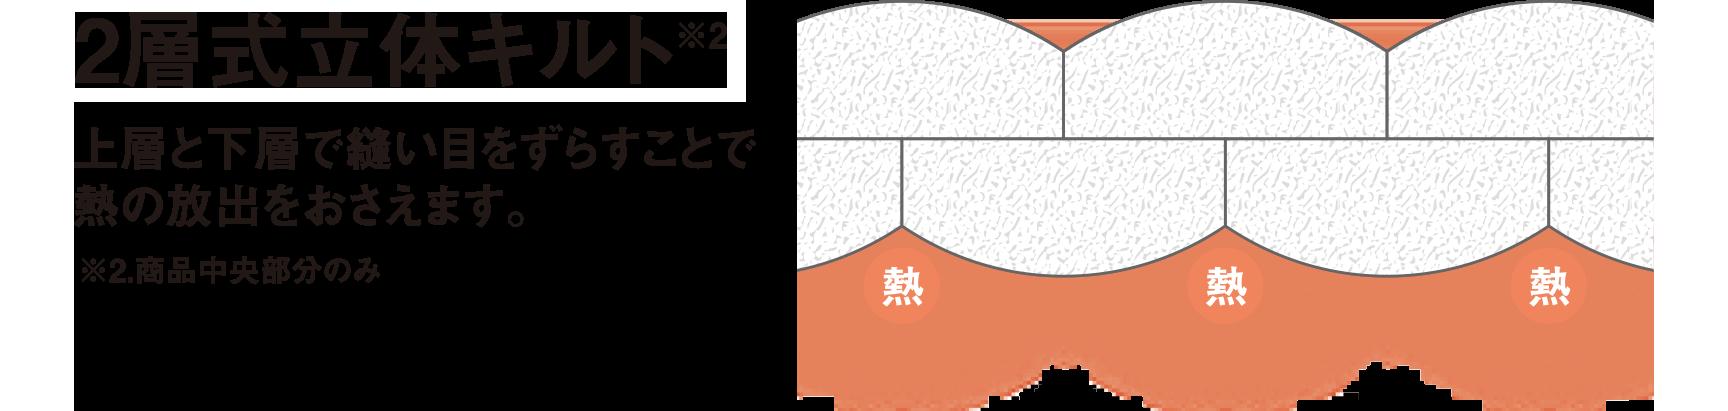 層式立体キルト 上層と下層で縫い目をずらすことで熱の放出をおさえます。